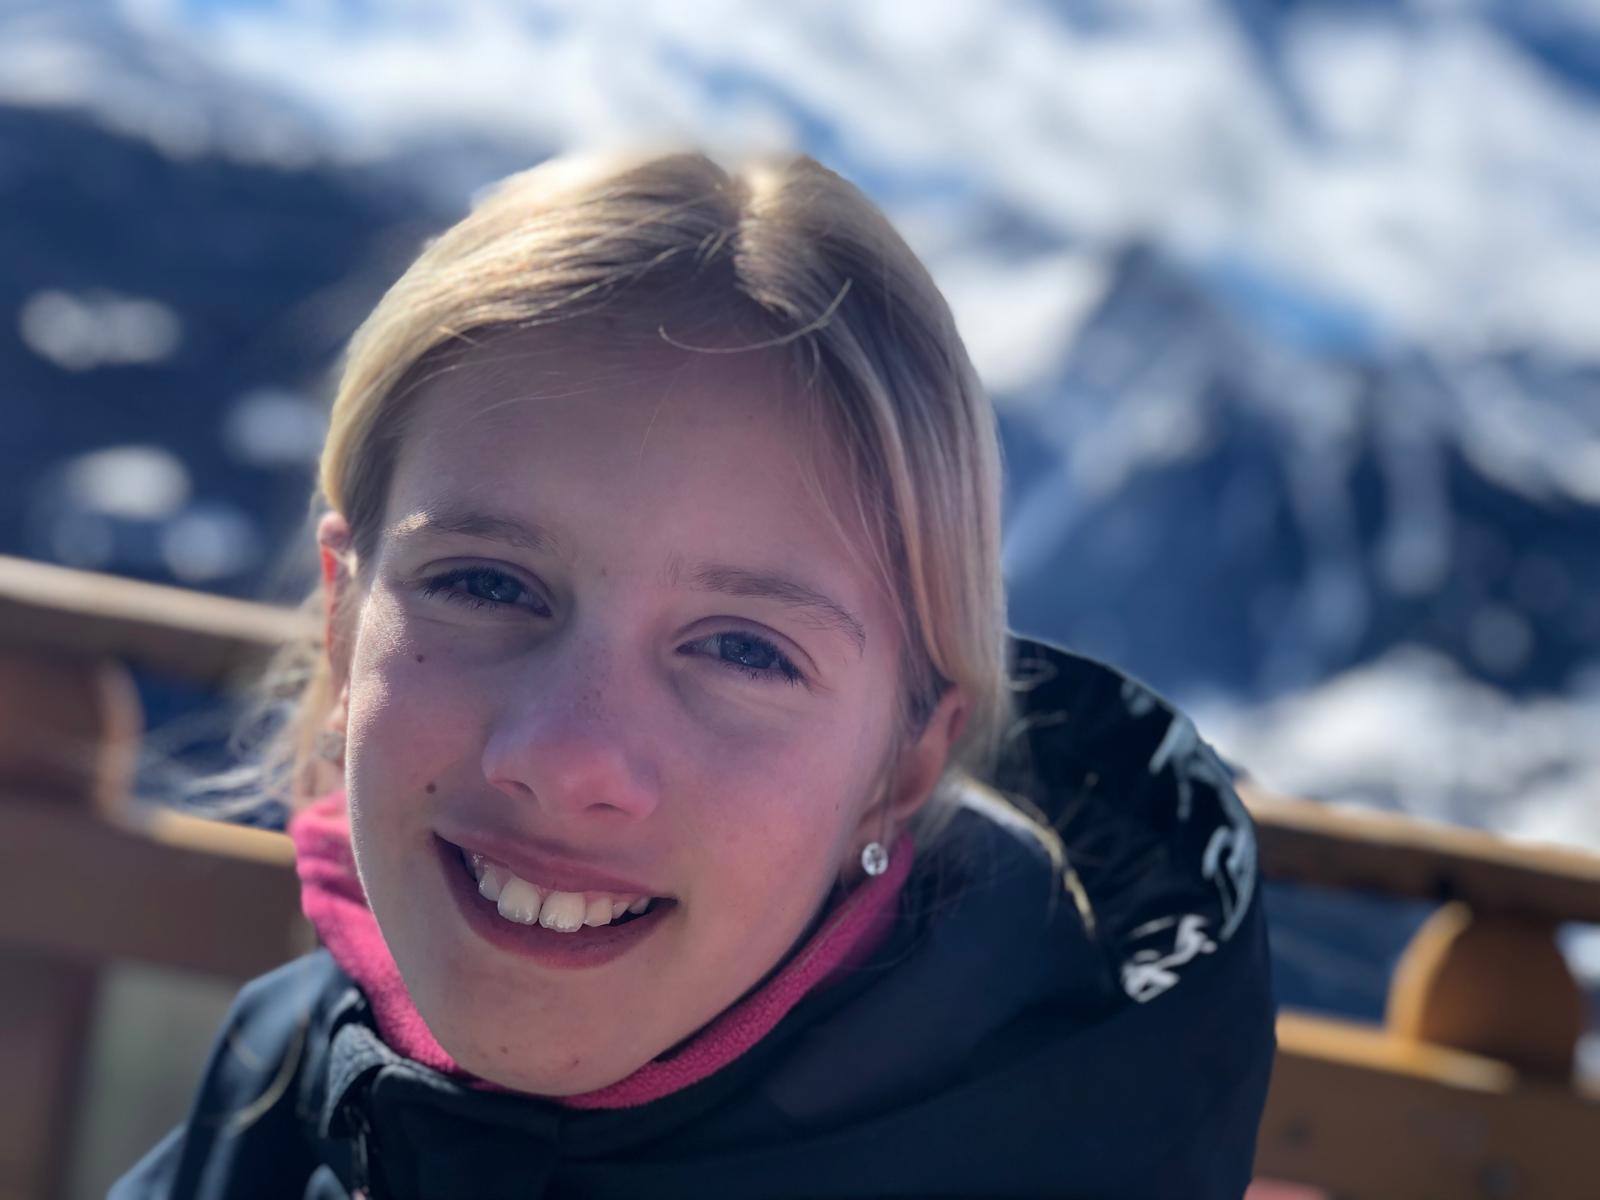 27-10-2019 Pupil van de week: Anna de Leest (ELI vs Milheezer Boys)